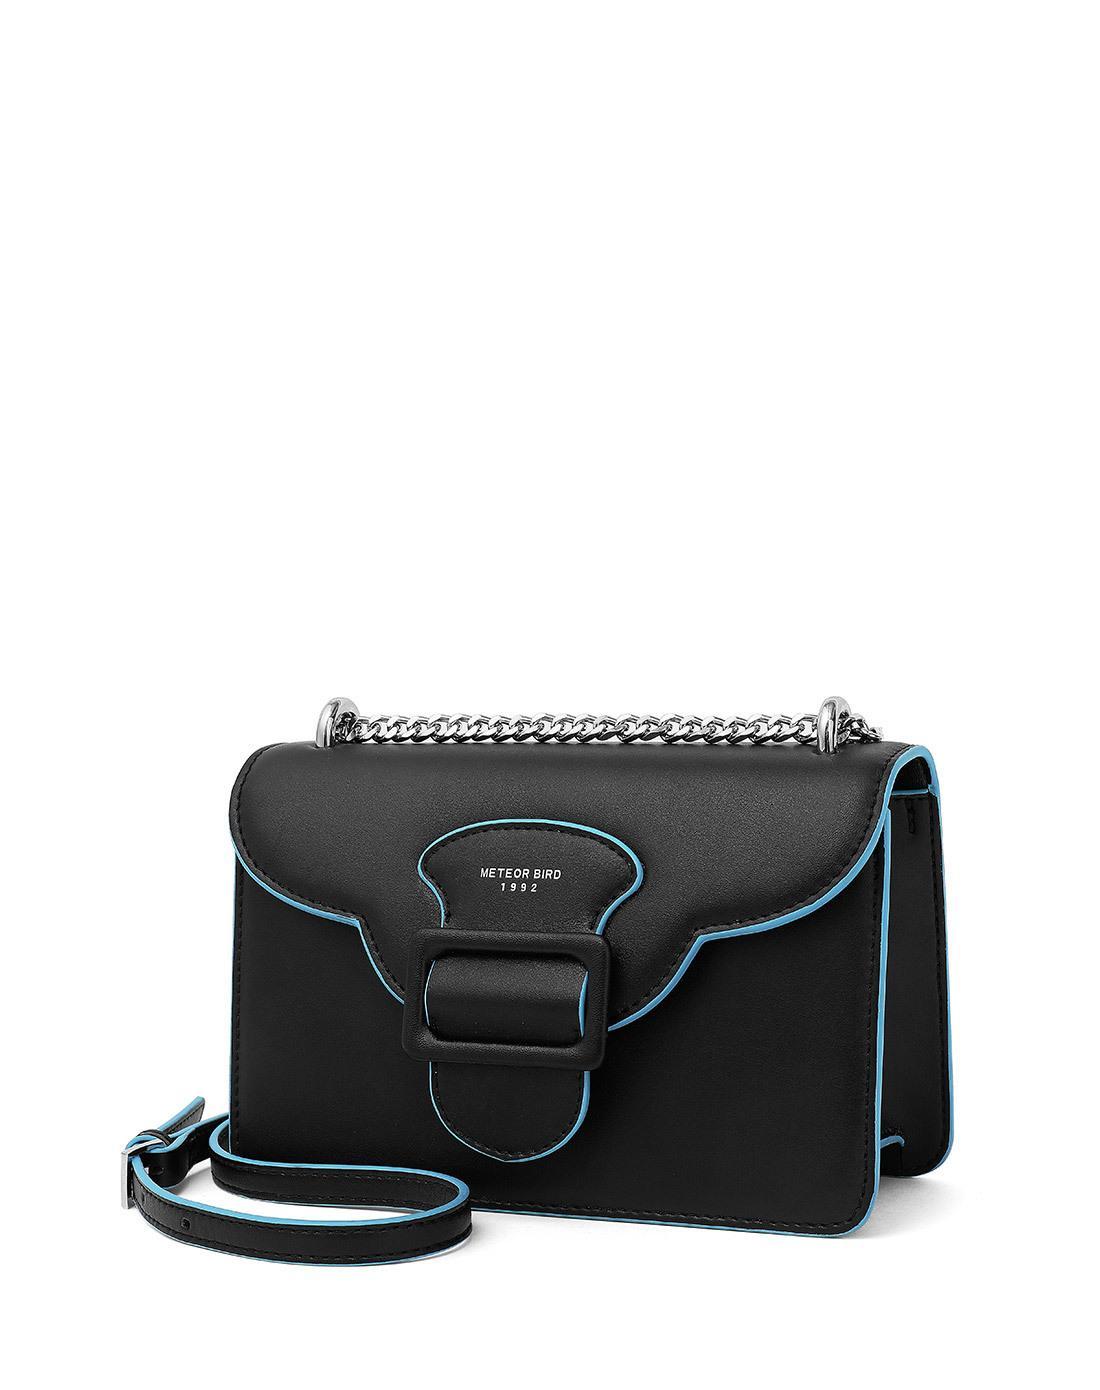 2019 nuevo invierno bolsa bandolera de cuero femenino de la versión coreana de la pequeña de cuero de moda femenina paquete cuadrado en diagonal bolsos